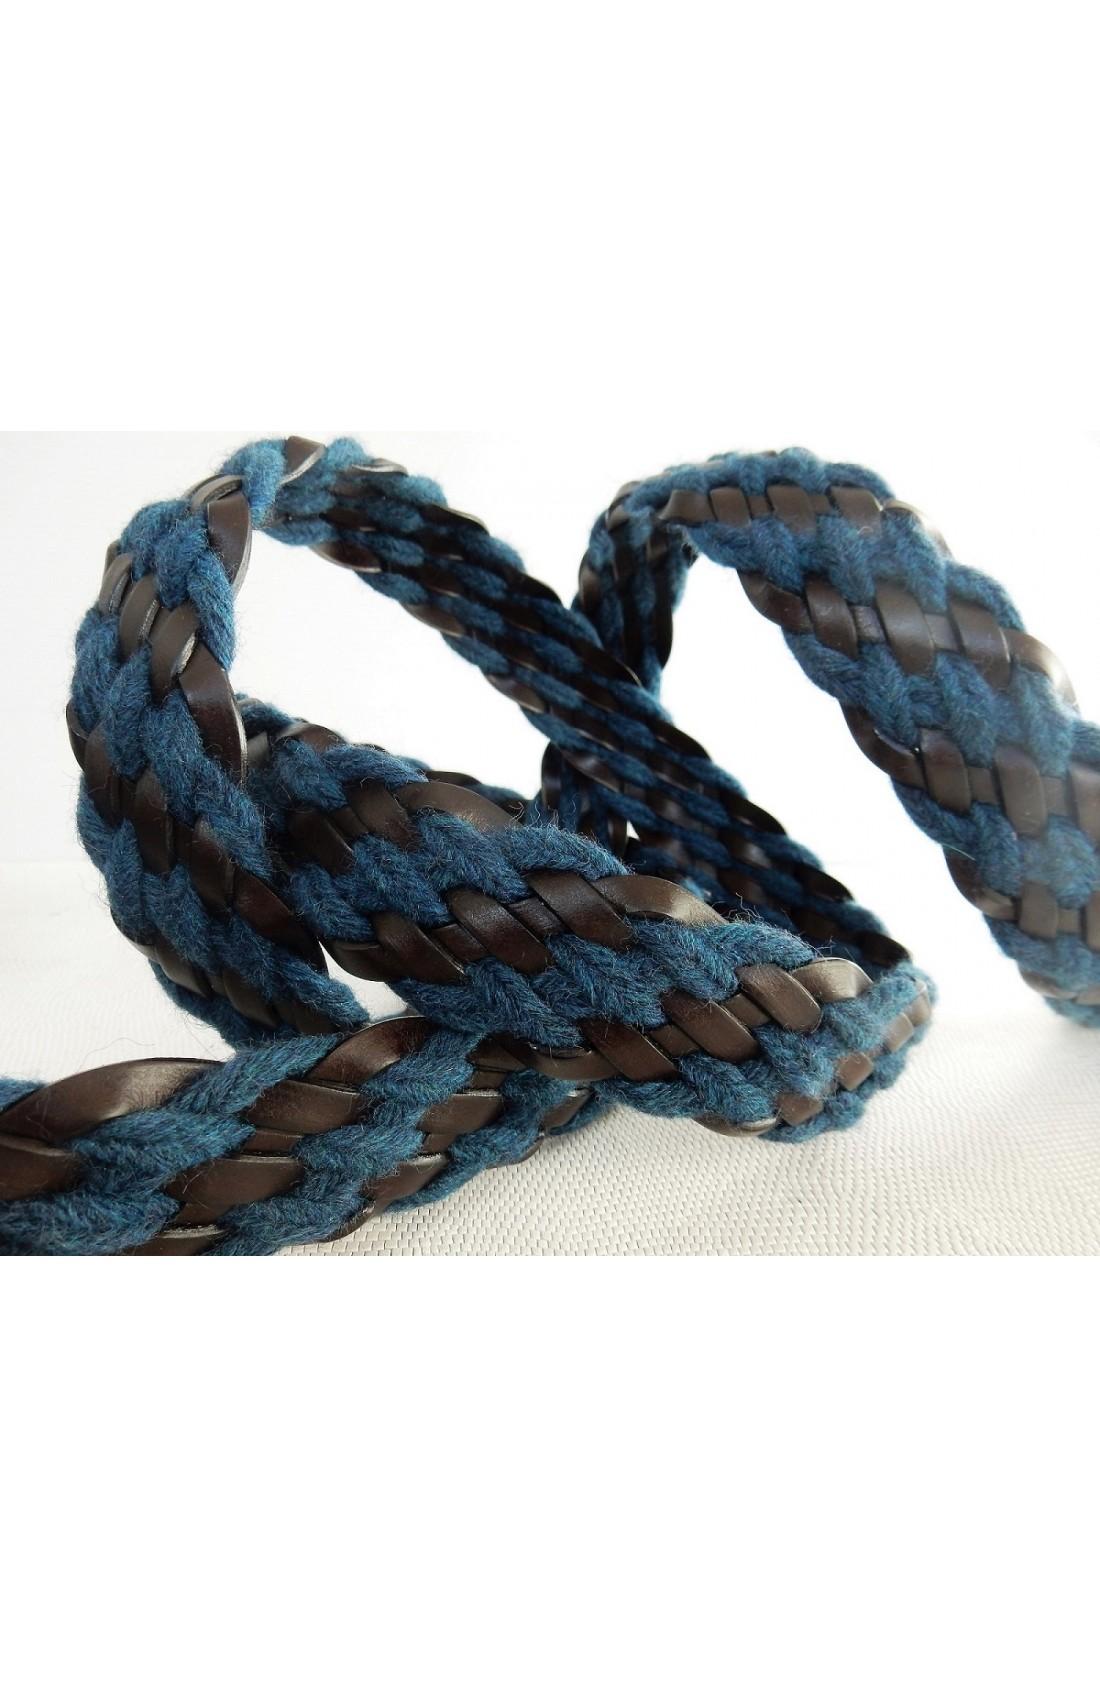 art. 89 INTRECCIO PELLE E LANA TRAVERSE mm.35 col. t.moro e blu (2)